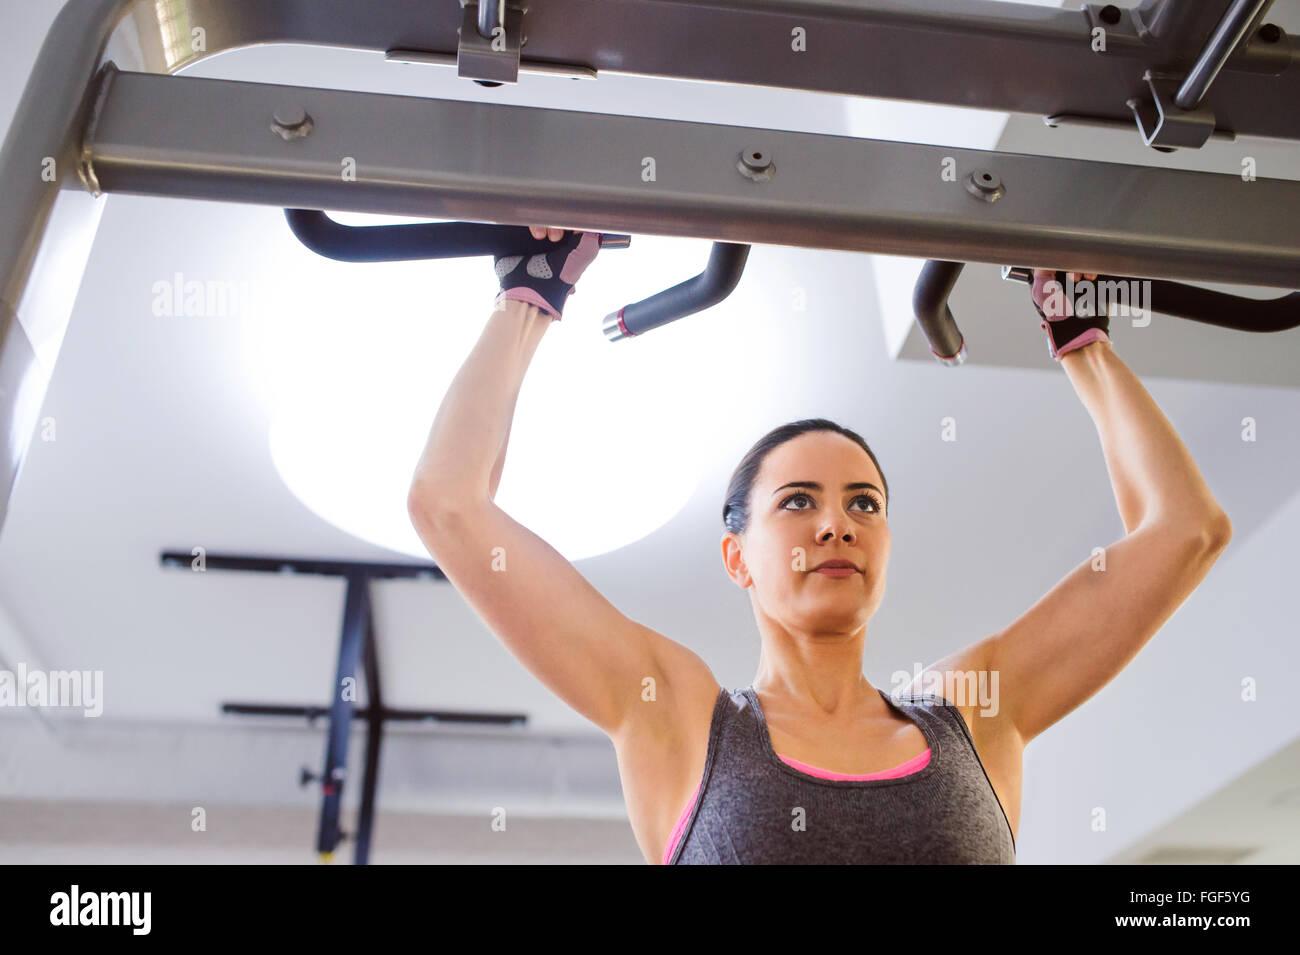 Femme en faisant des exercices d'armes de sport sur une machine Photo Stock